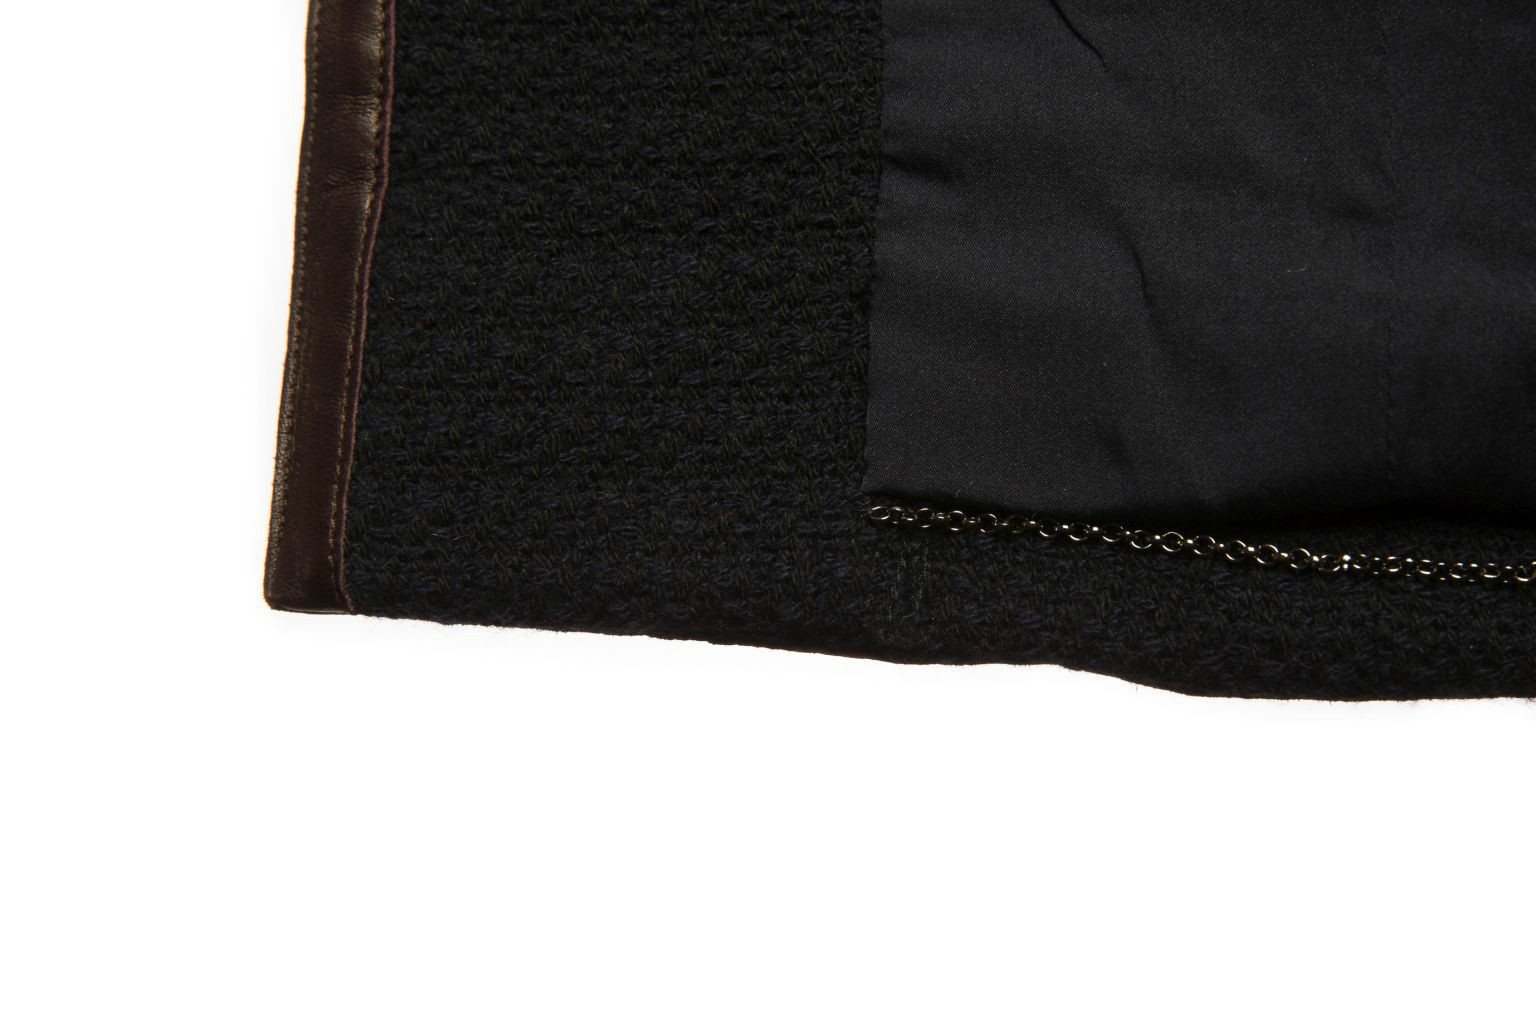 Стильный укороченный жакет Chanel из темно-синего твида с отделкой из коричневой кожи, 42 размер